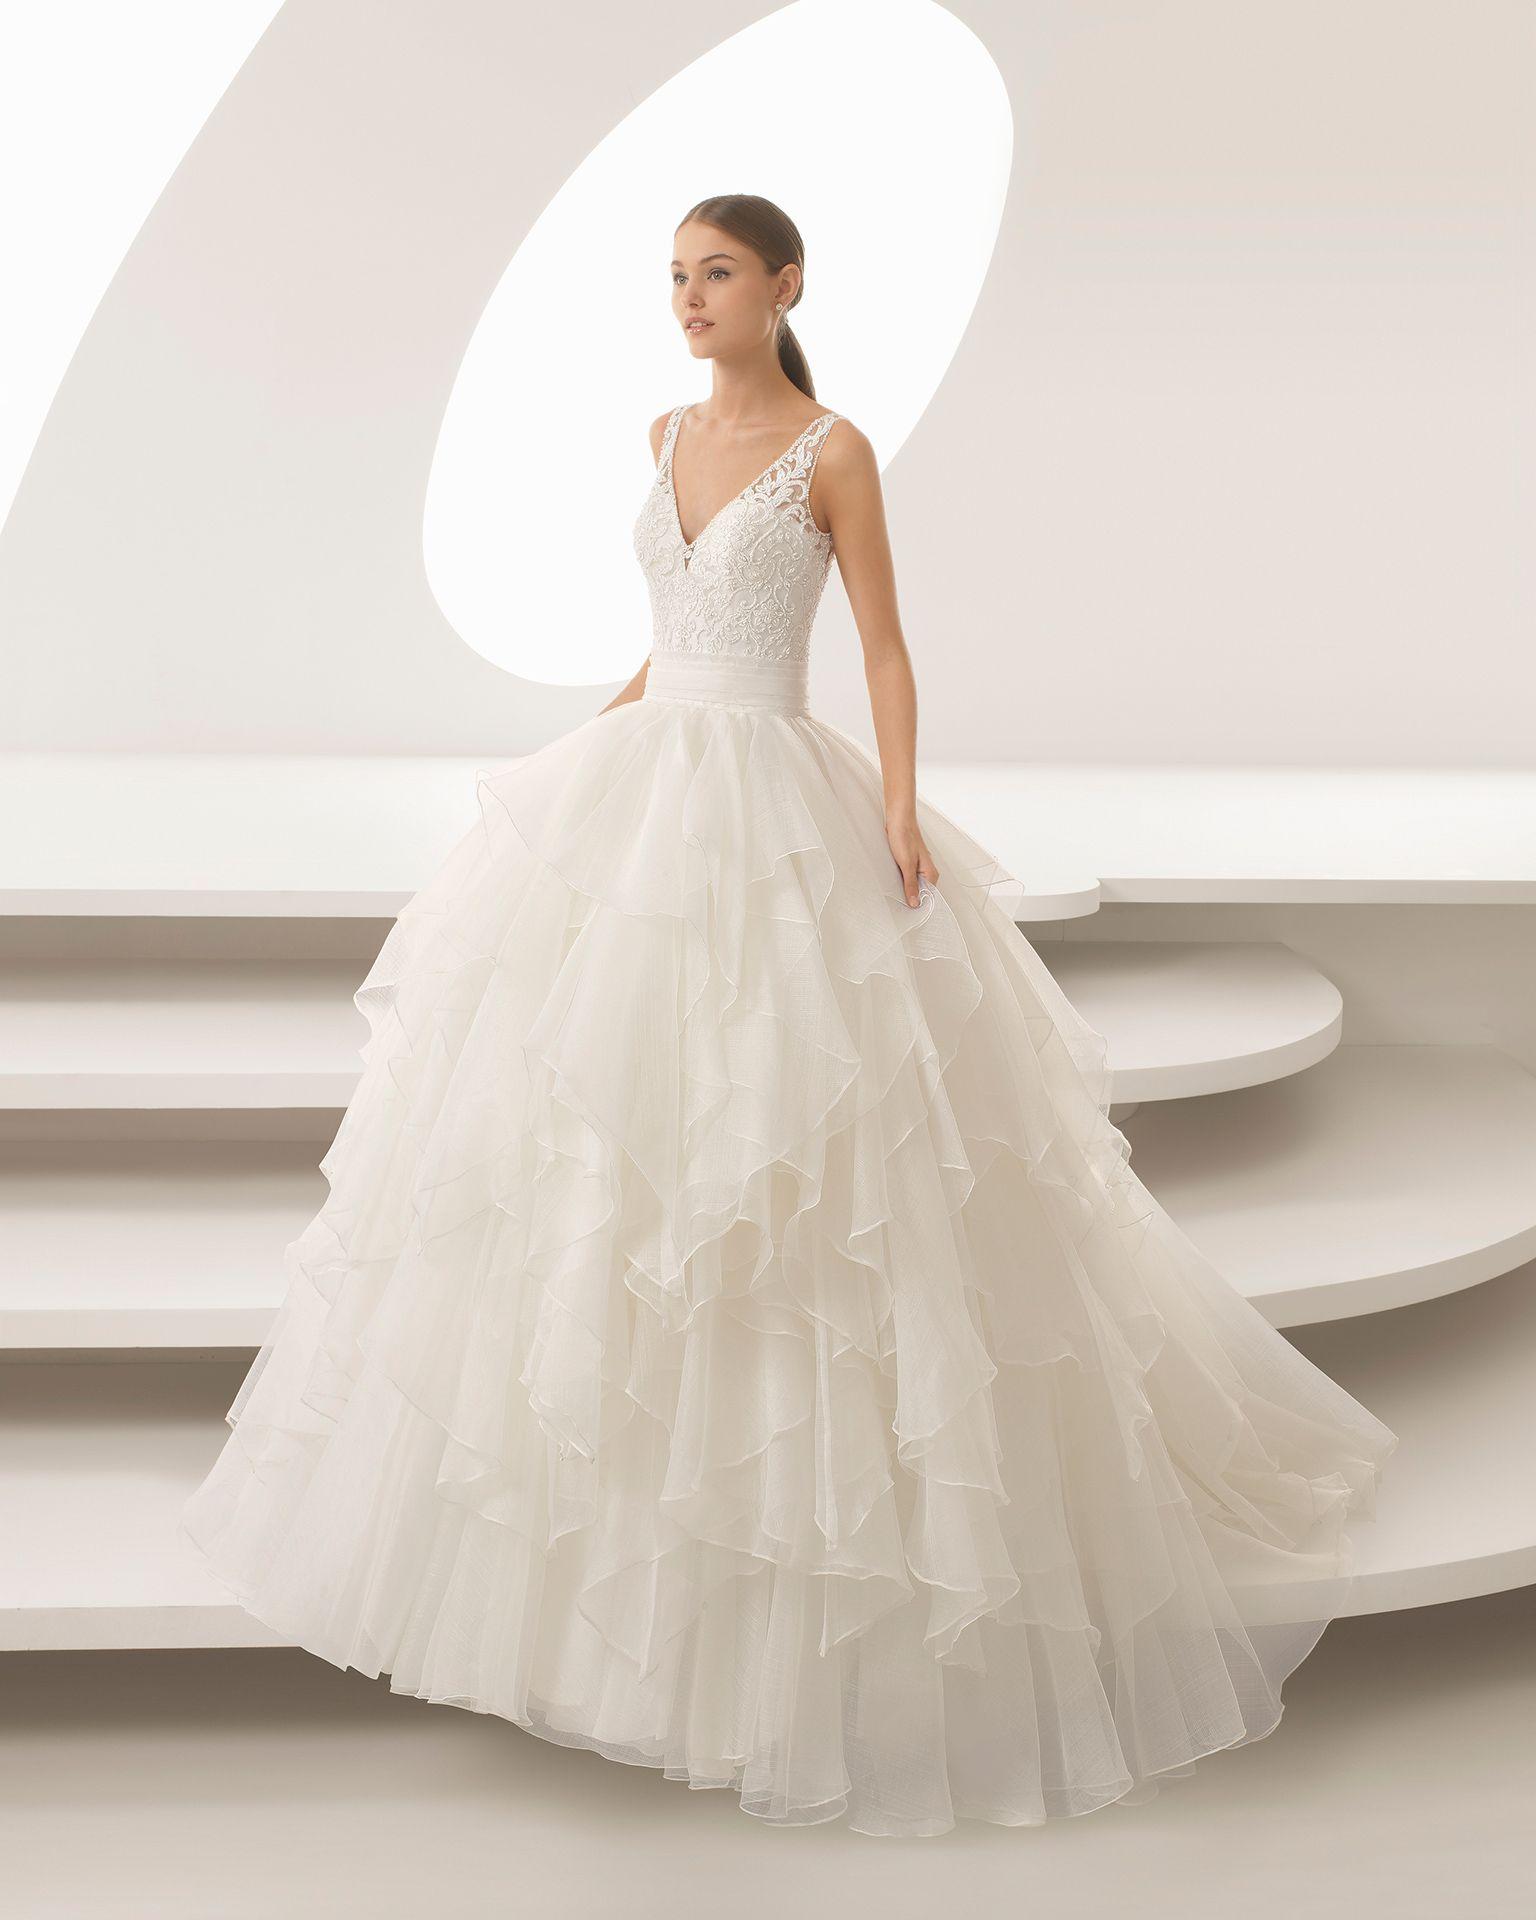 f896d4dba Vestido de novia estilo princesa de encaje pedrería y organza royal con  escote V con volantes. Colección 2018 Rosa Clará.